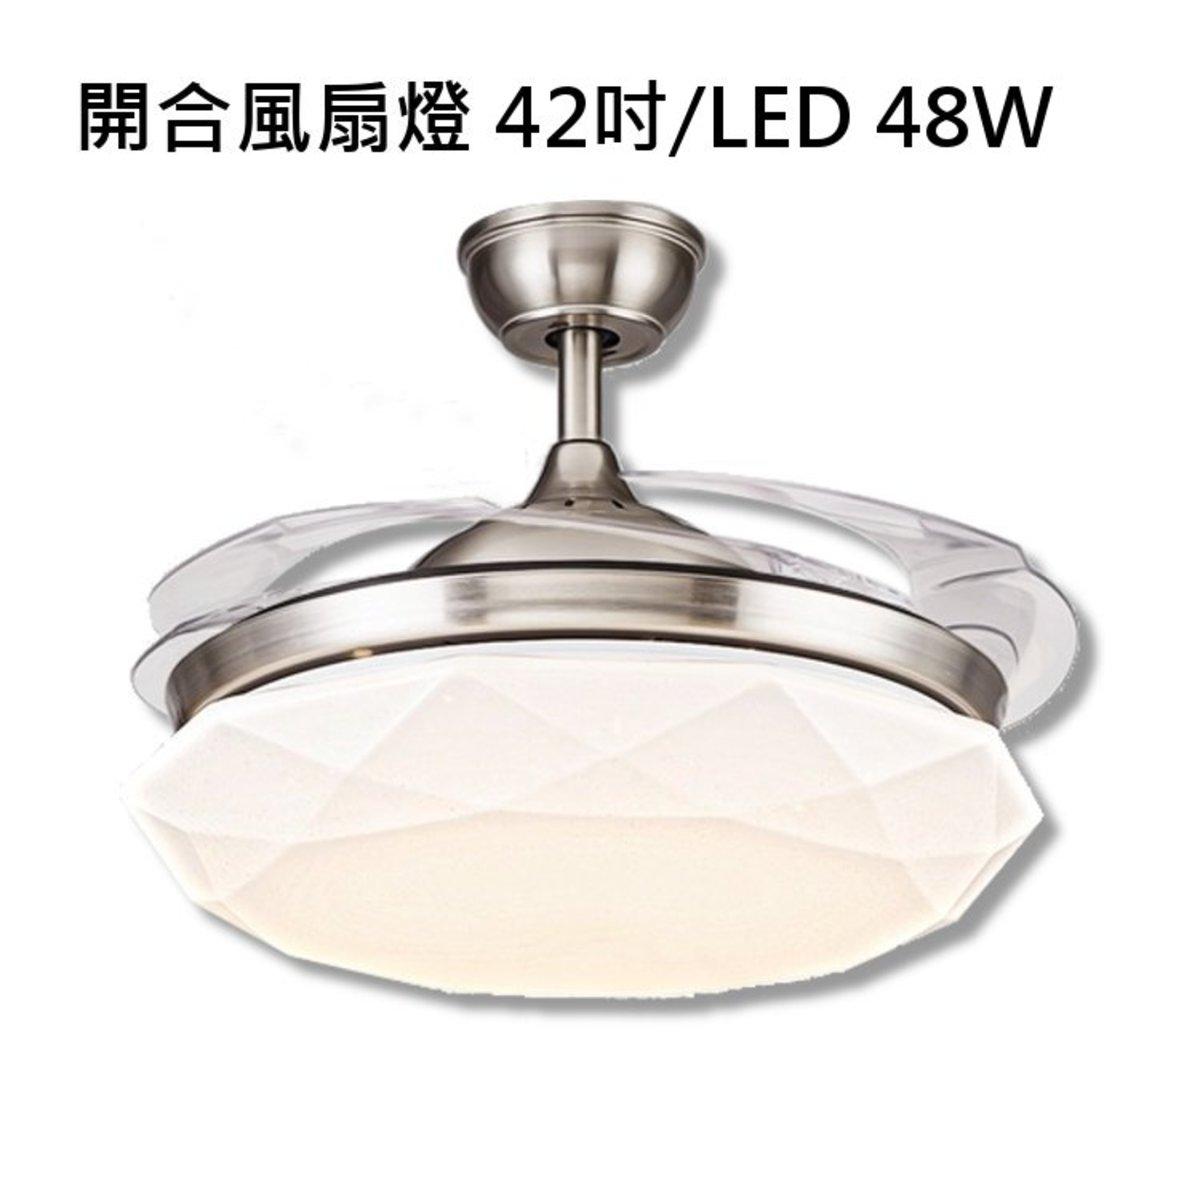 LED風扇燈飾 FANSV-42吋 - LED 48w - 三色分段 - 天花燈